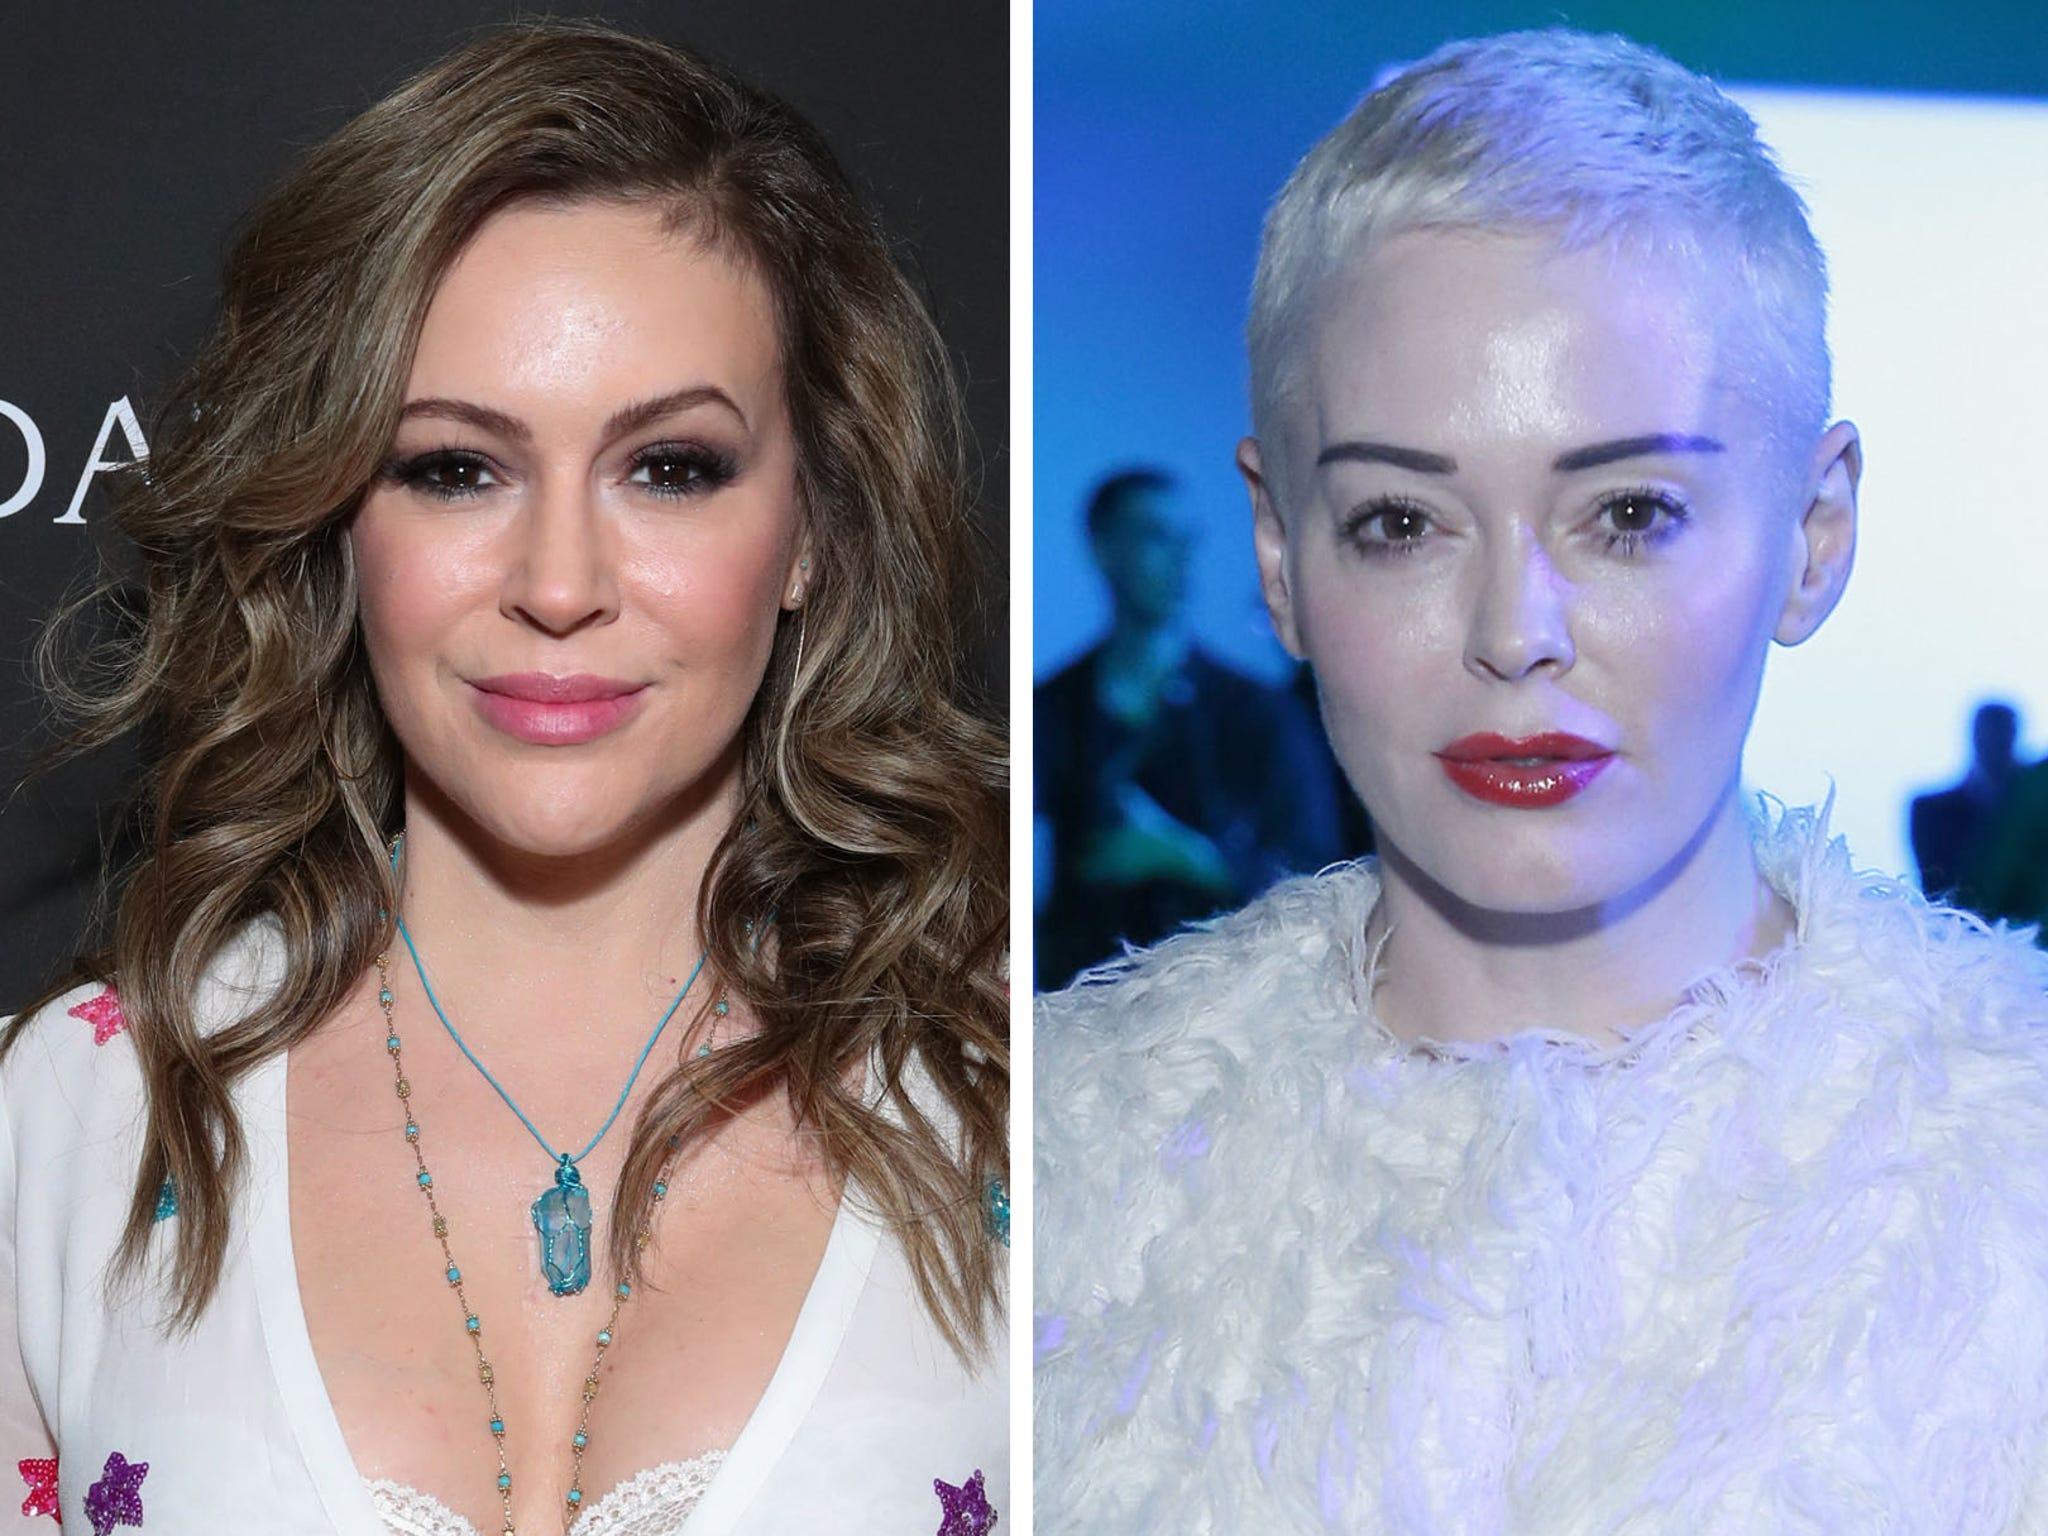 Rose Mcgowan Slams F King Fraud Alyssa Milano Claims She Made Charmed Set Toxic